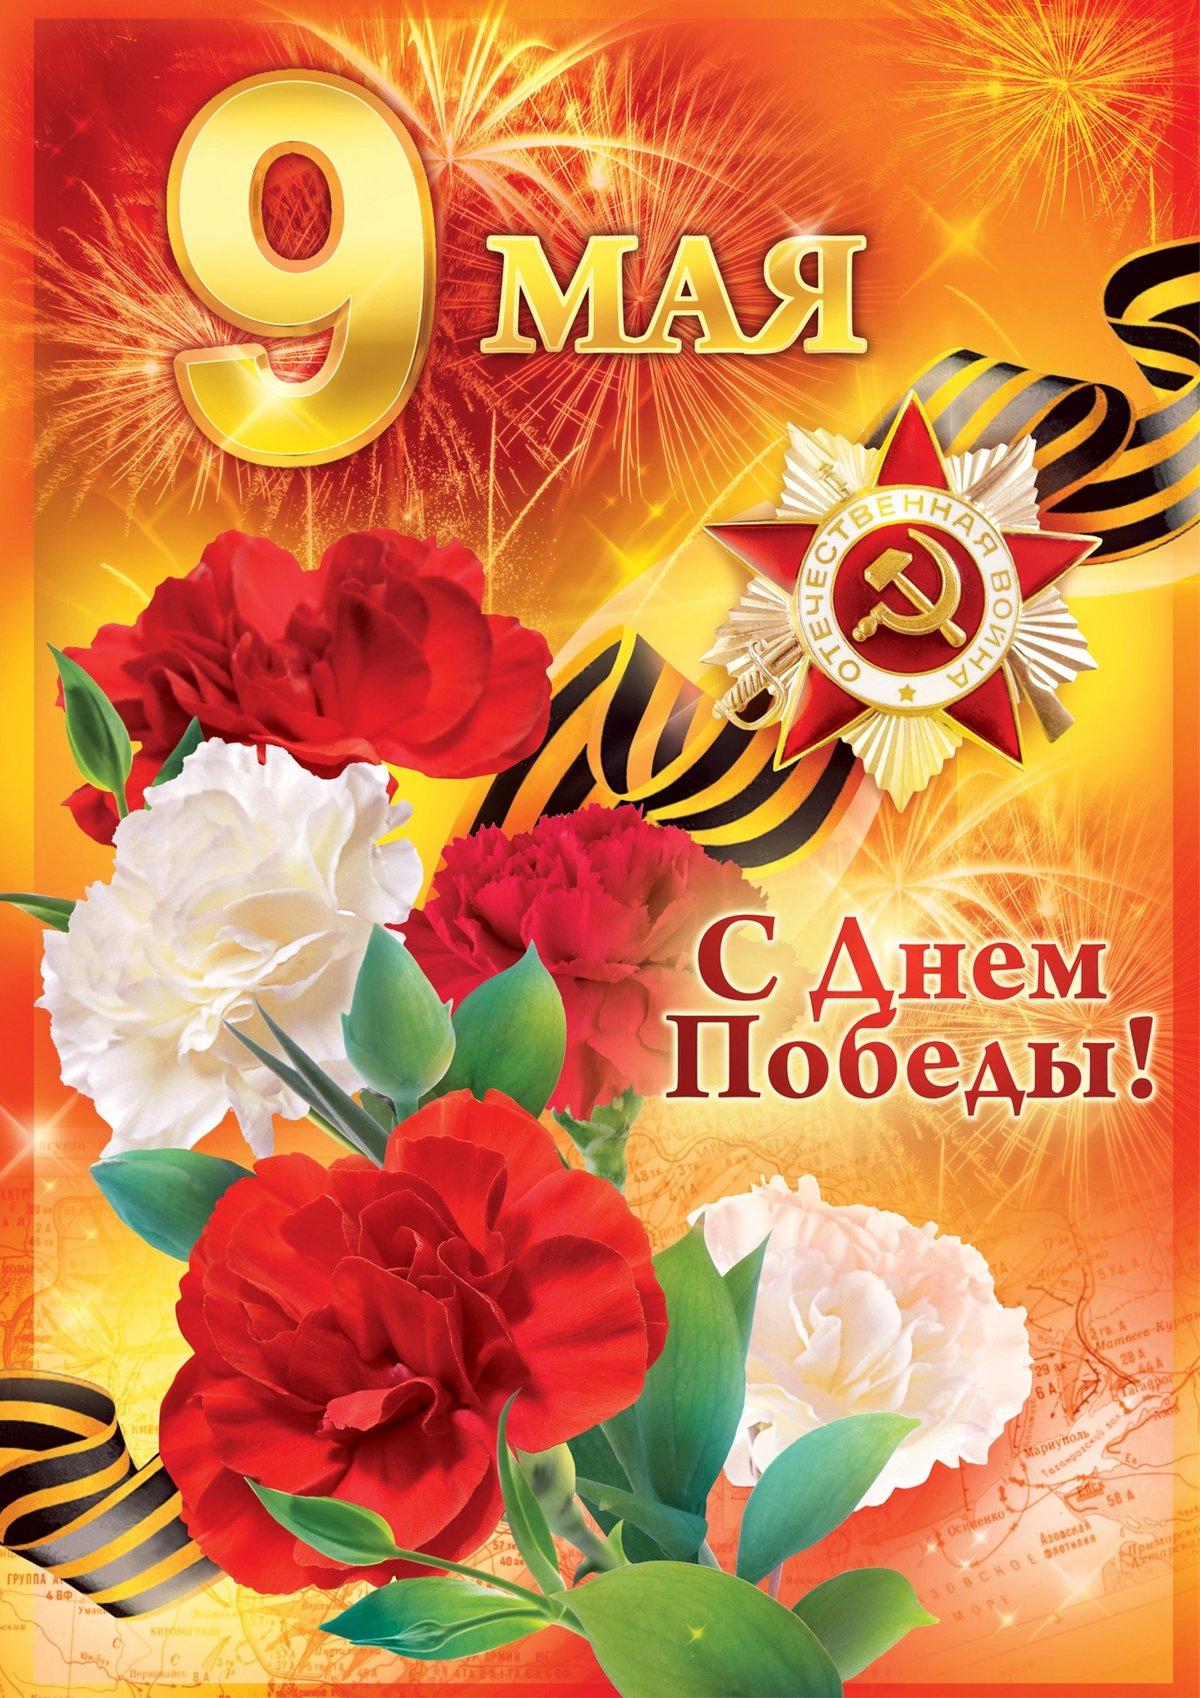 поздравительная открытка ко дню 9 мая ночной клуб, созданный